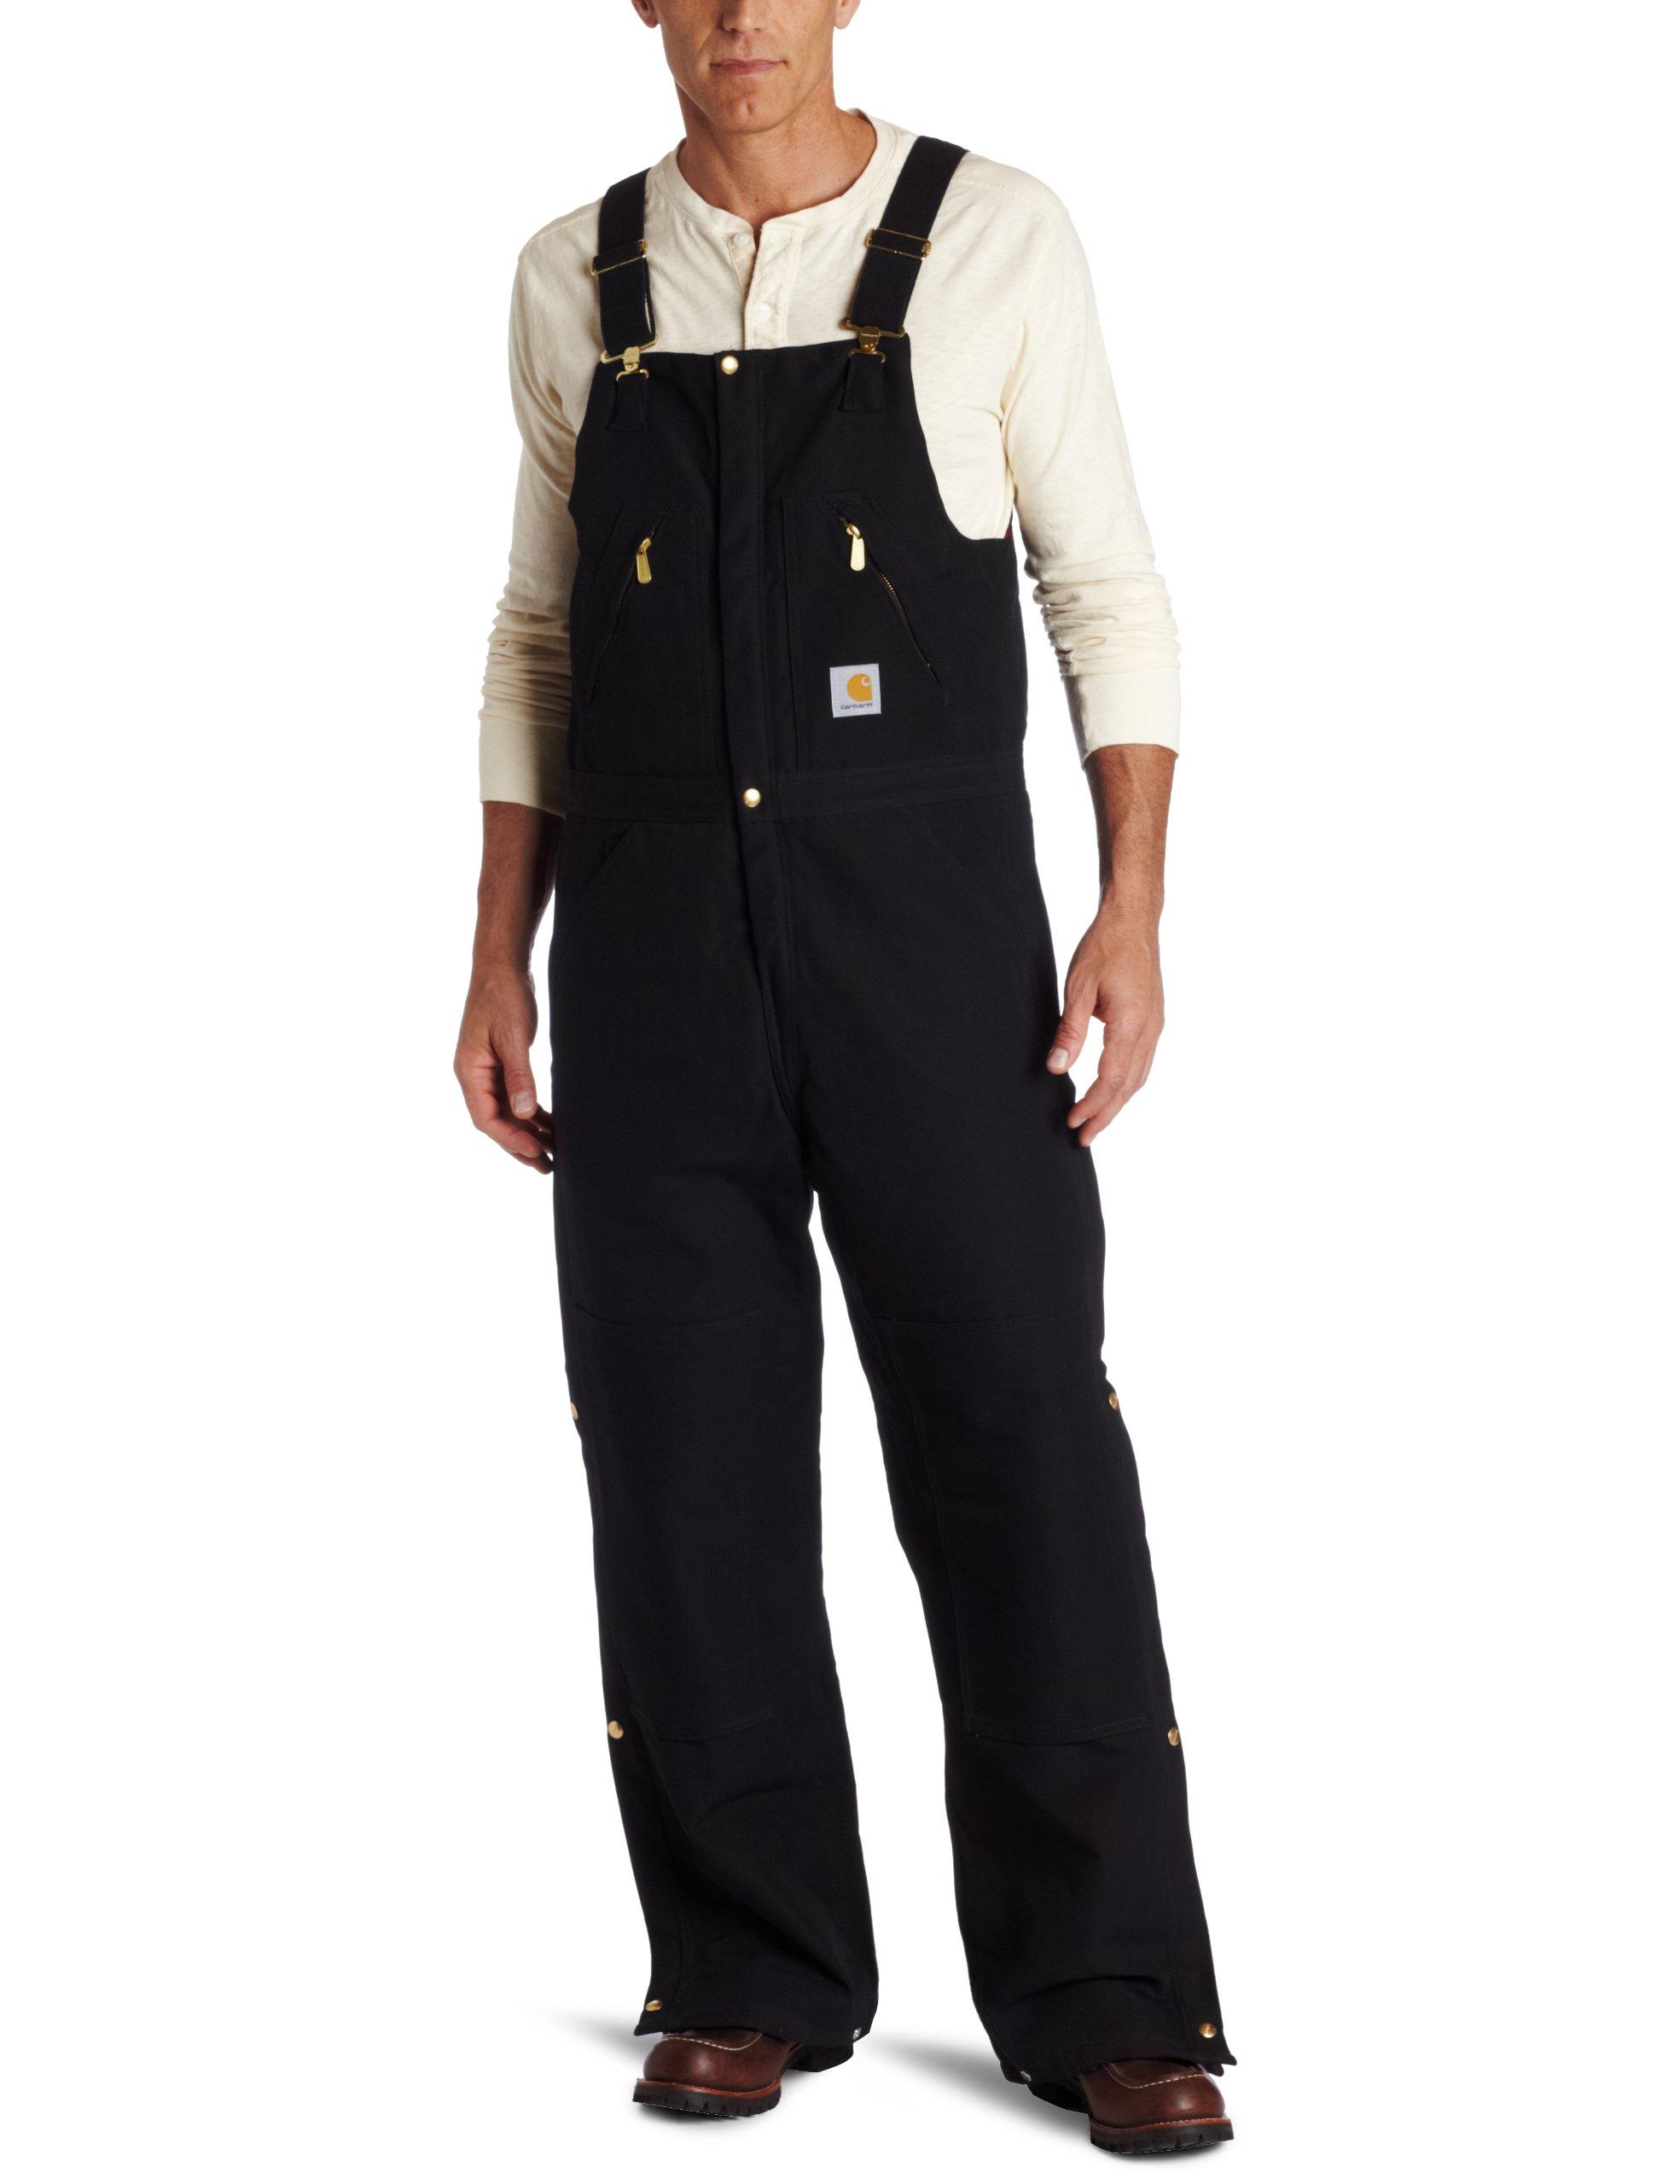 Carhartt Men's Quilt Lined Zip To Waist Biberalls,Black,40 x 32